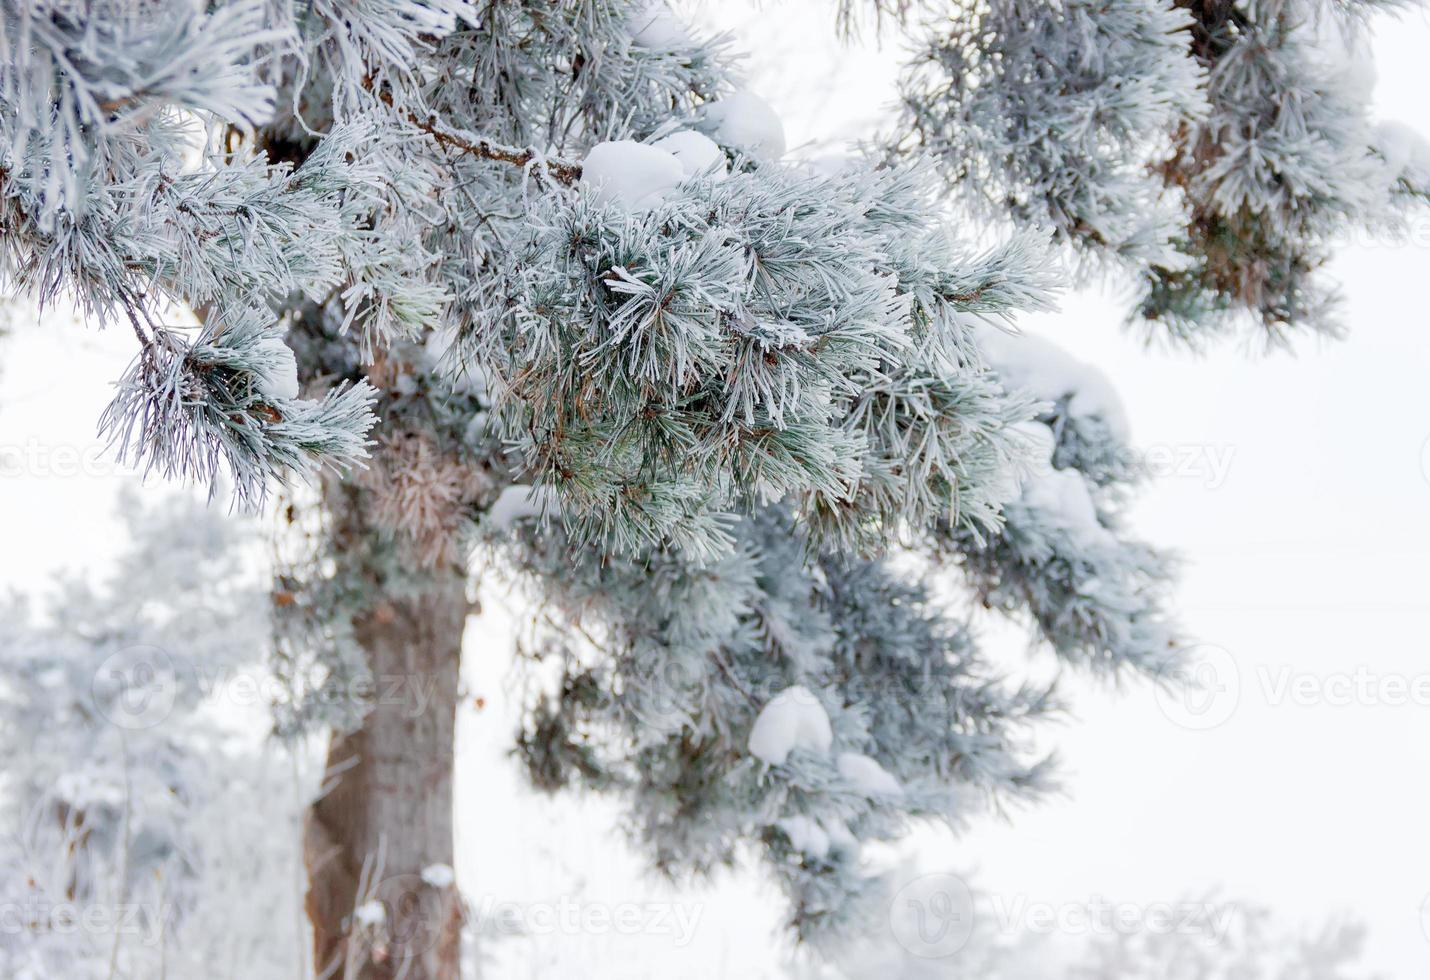 Branche de pin couverte de givre libre photo